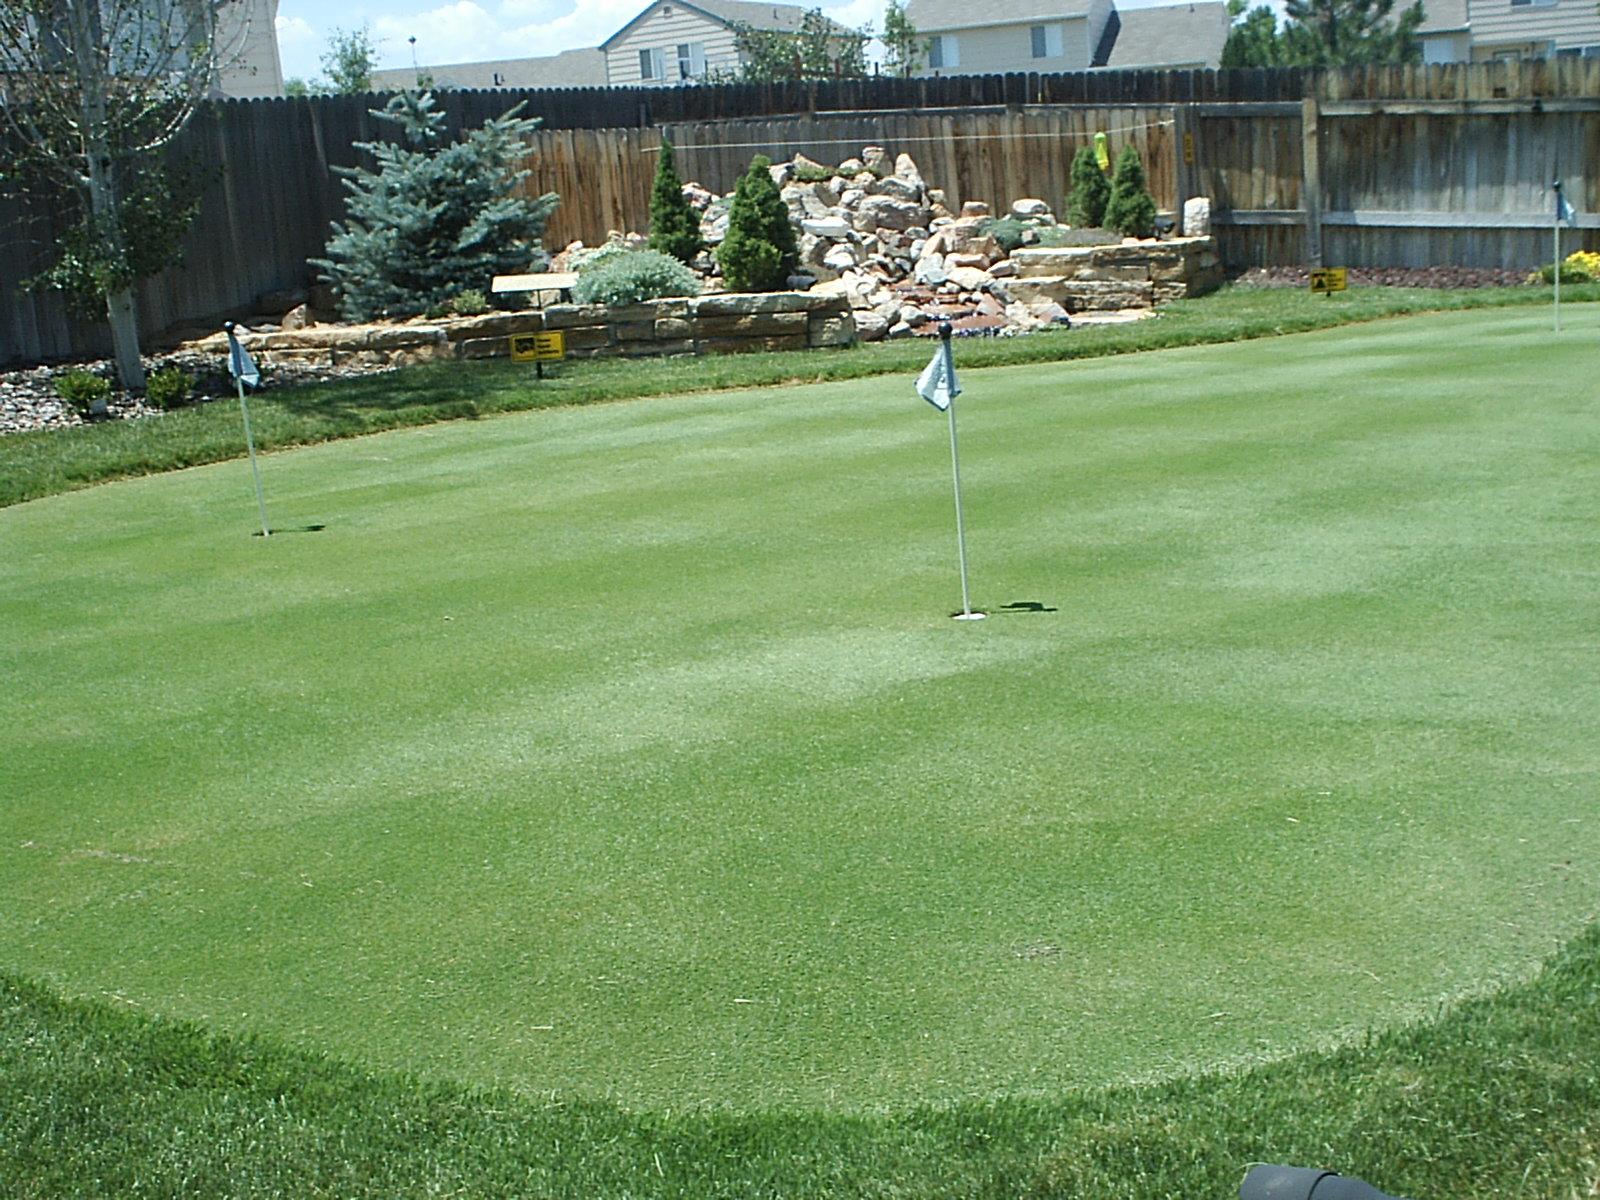 john smoltz back yard golf course john smoltz back yard golf course